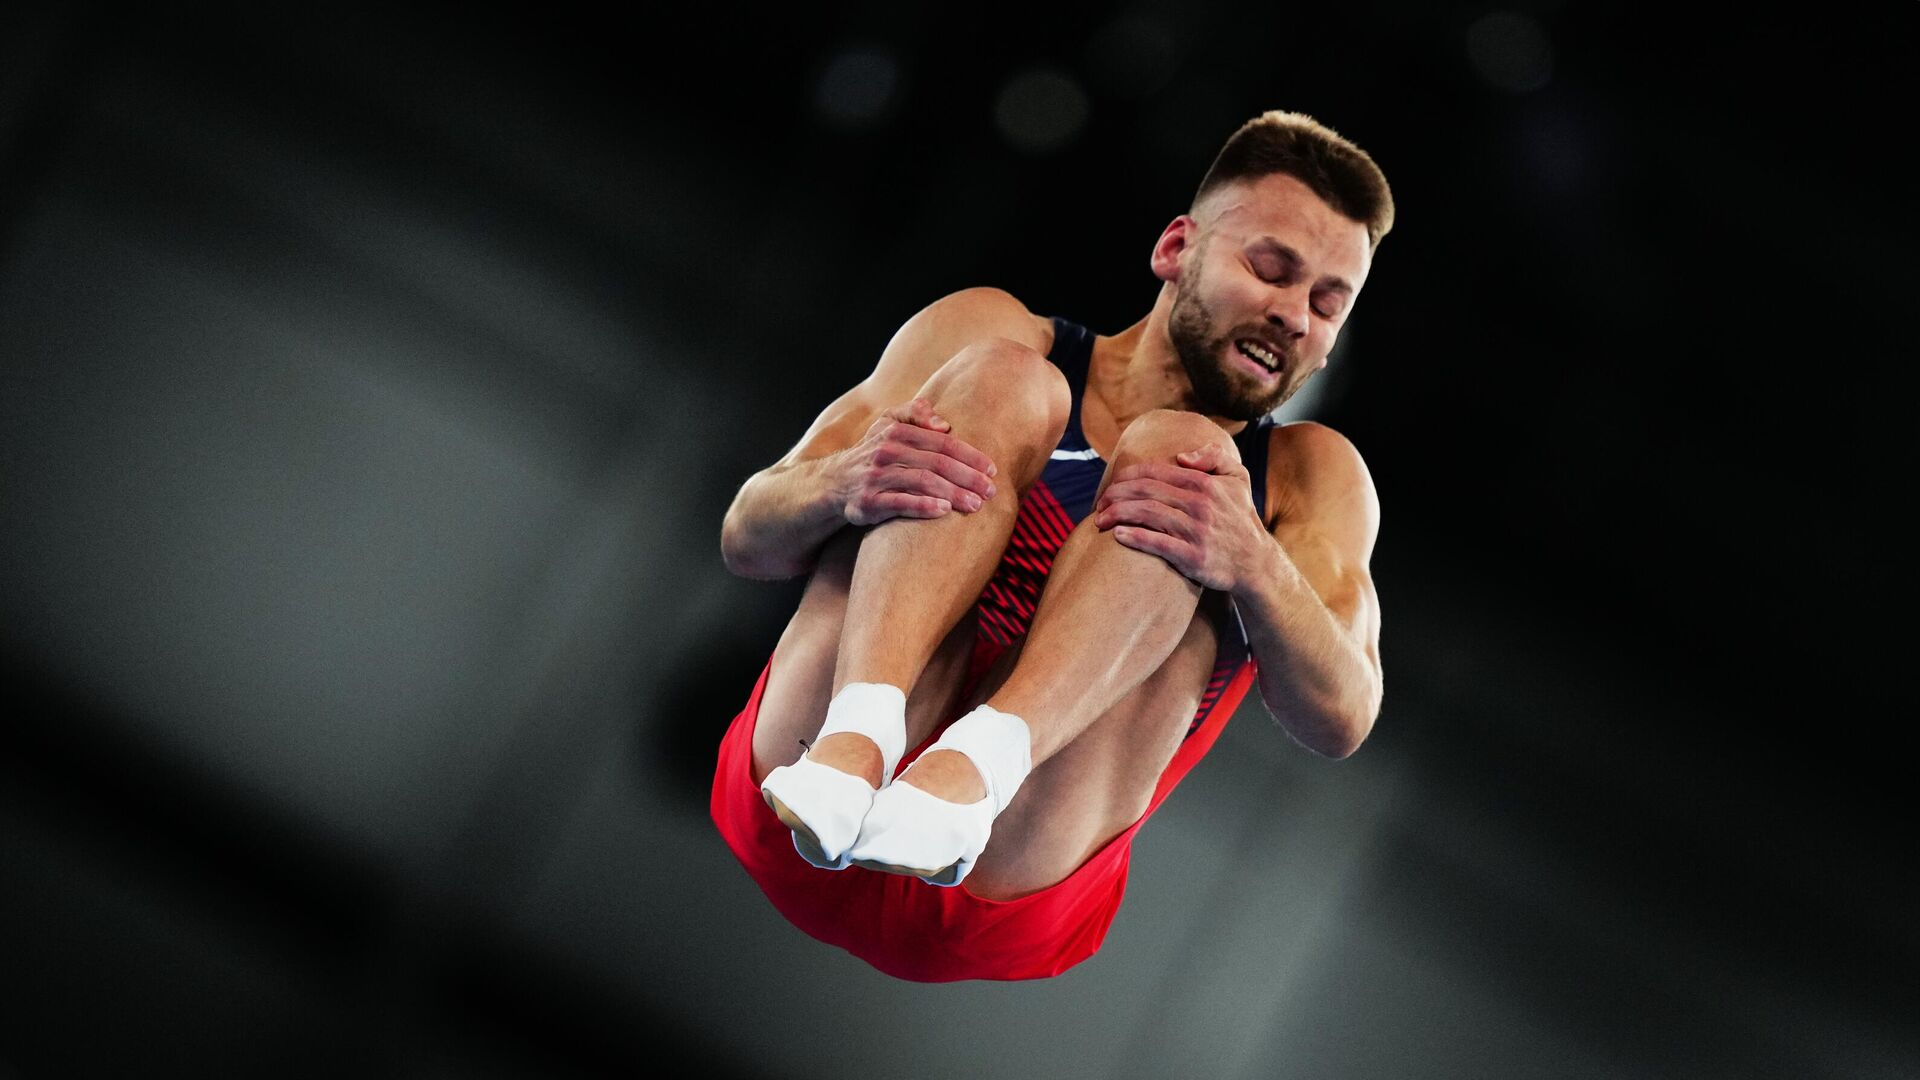 Олимпиада-2020. Прыжки на батуте. Мужчины - РИА Новости, 1920, 31.07.2021